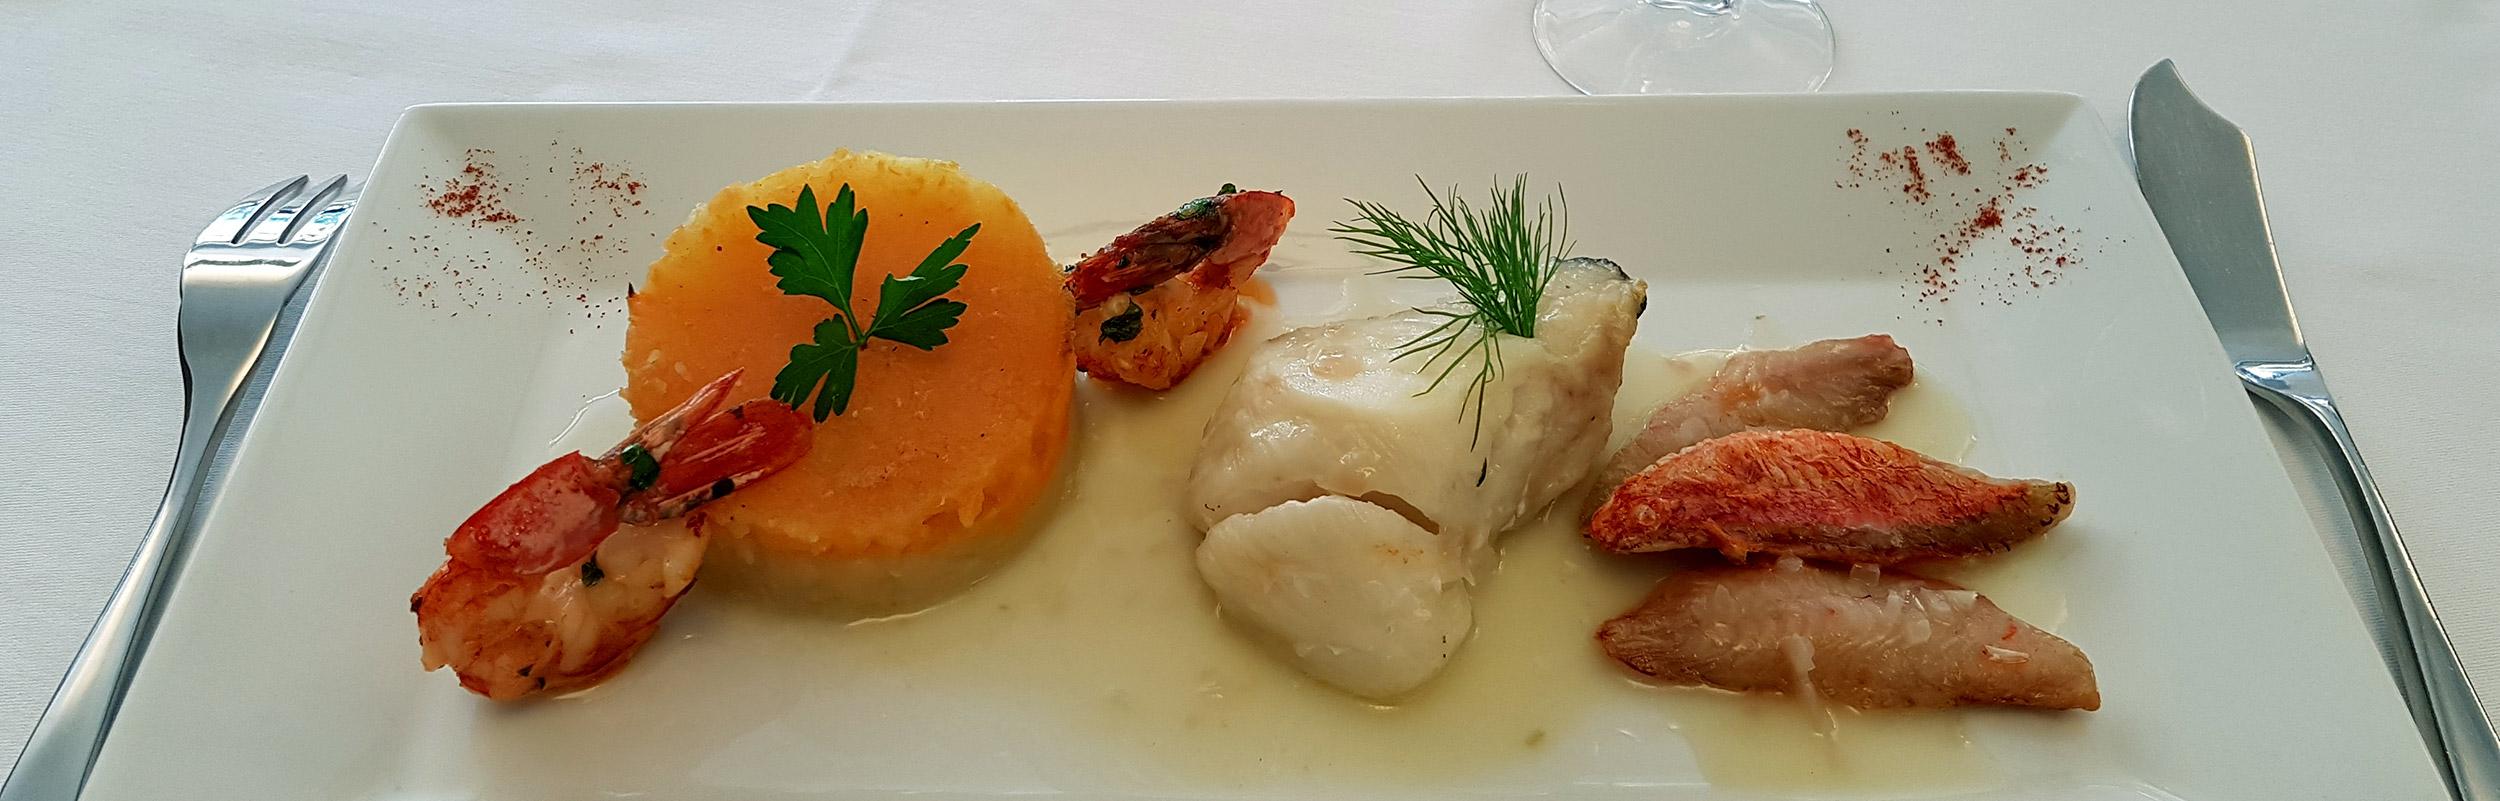 Assiette du pêcheur - L'Auberge de la Pointe, restaurant à Saint-Sulpice dans le Tarn / © DR